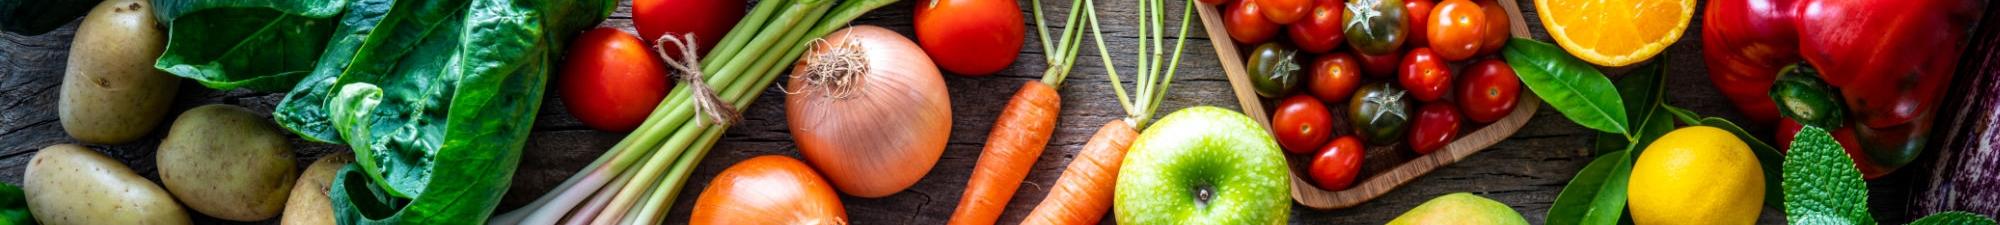 Frutas e Legumes Biológicos